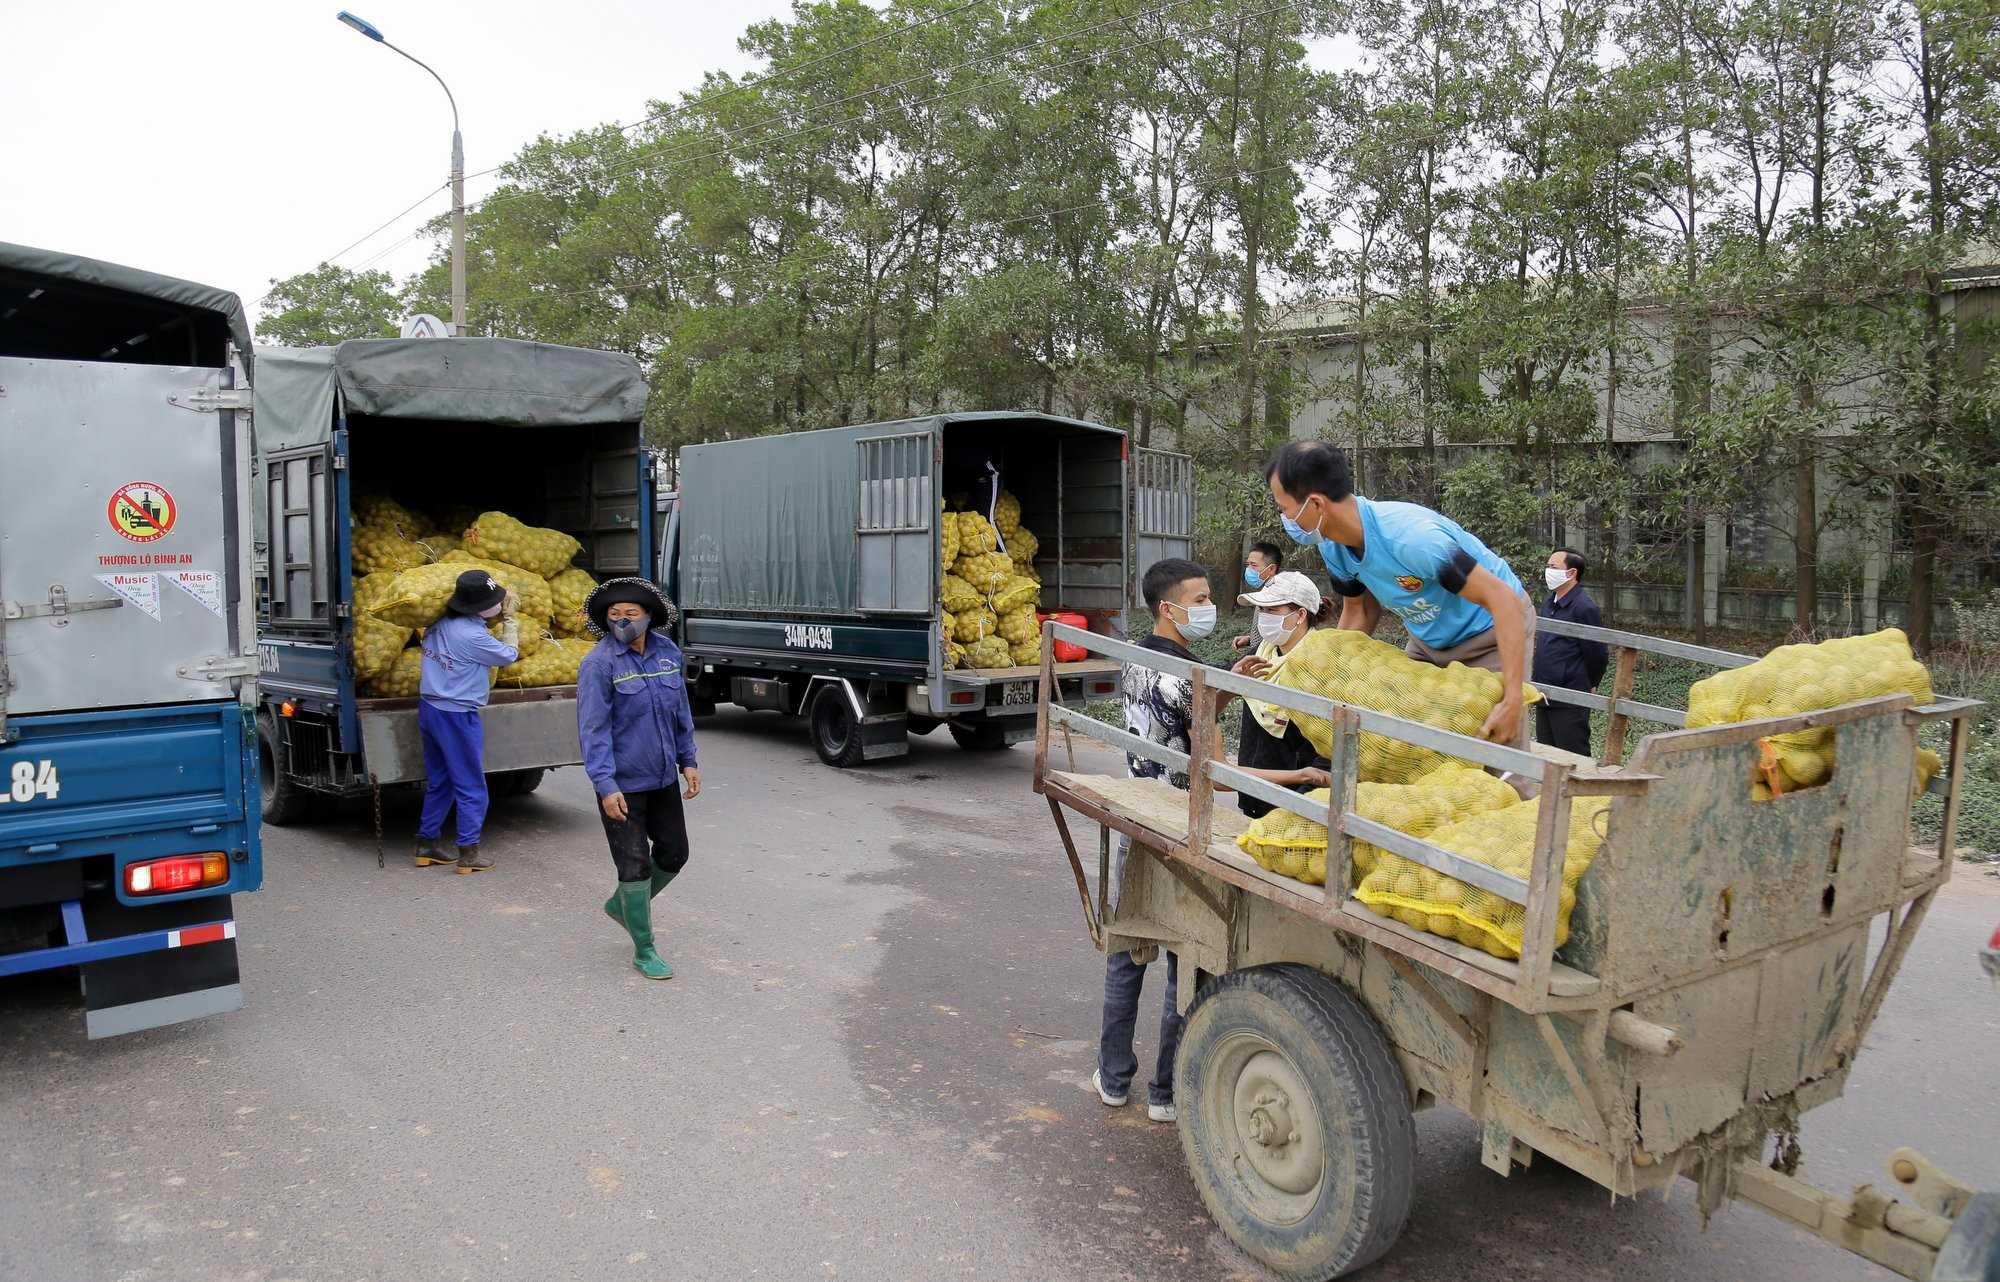 Quảng Ninh kết nối tiêu thụ thành công nông sản cho người dân bị ảnh hưởng bởi dịch Covid-19 - Ảnh 3.